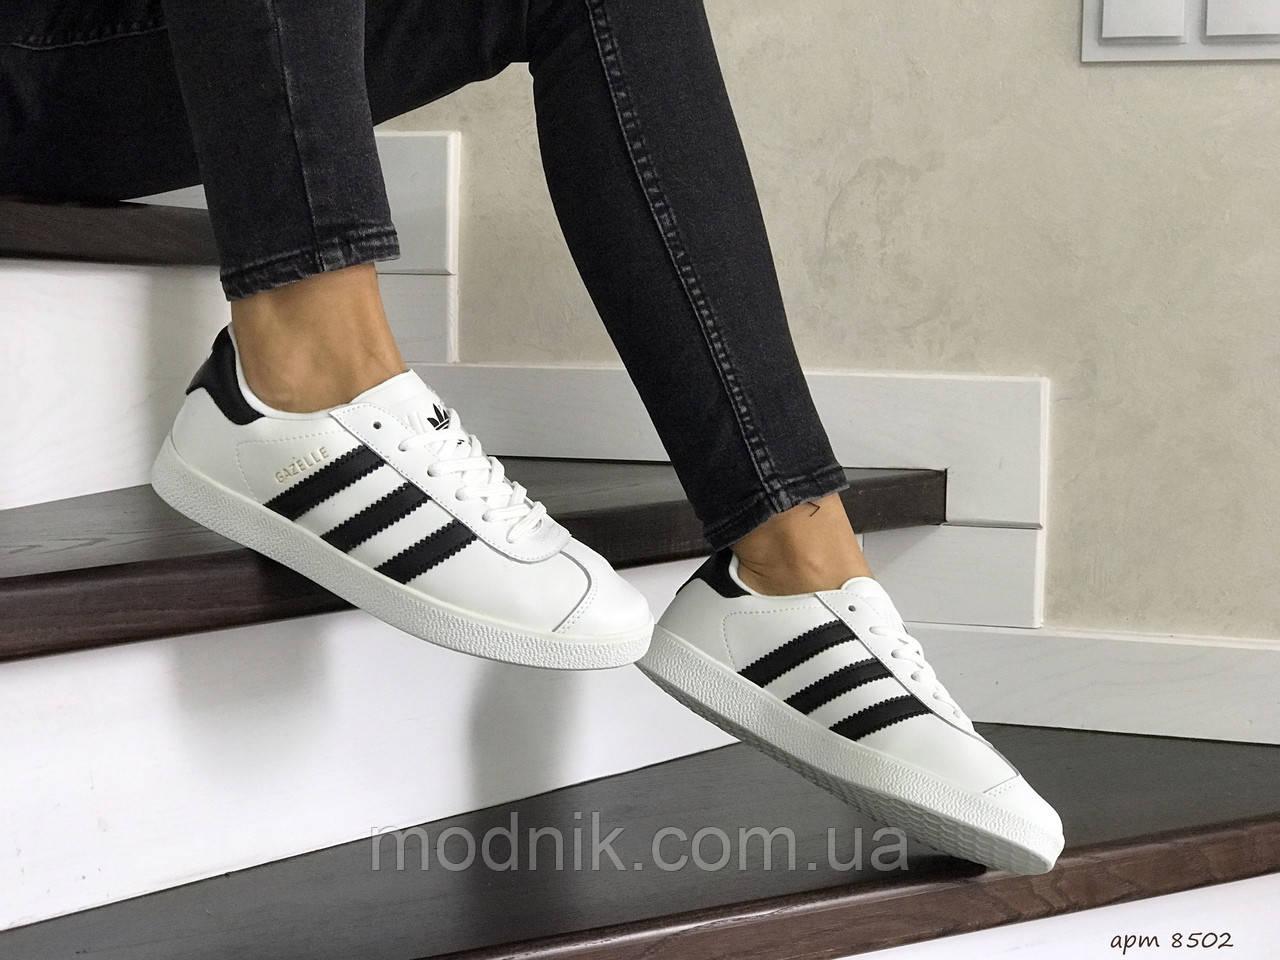 Женские кроссовки Adidas Gazelle (белые)